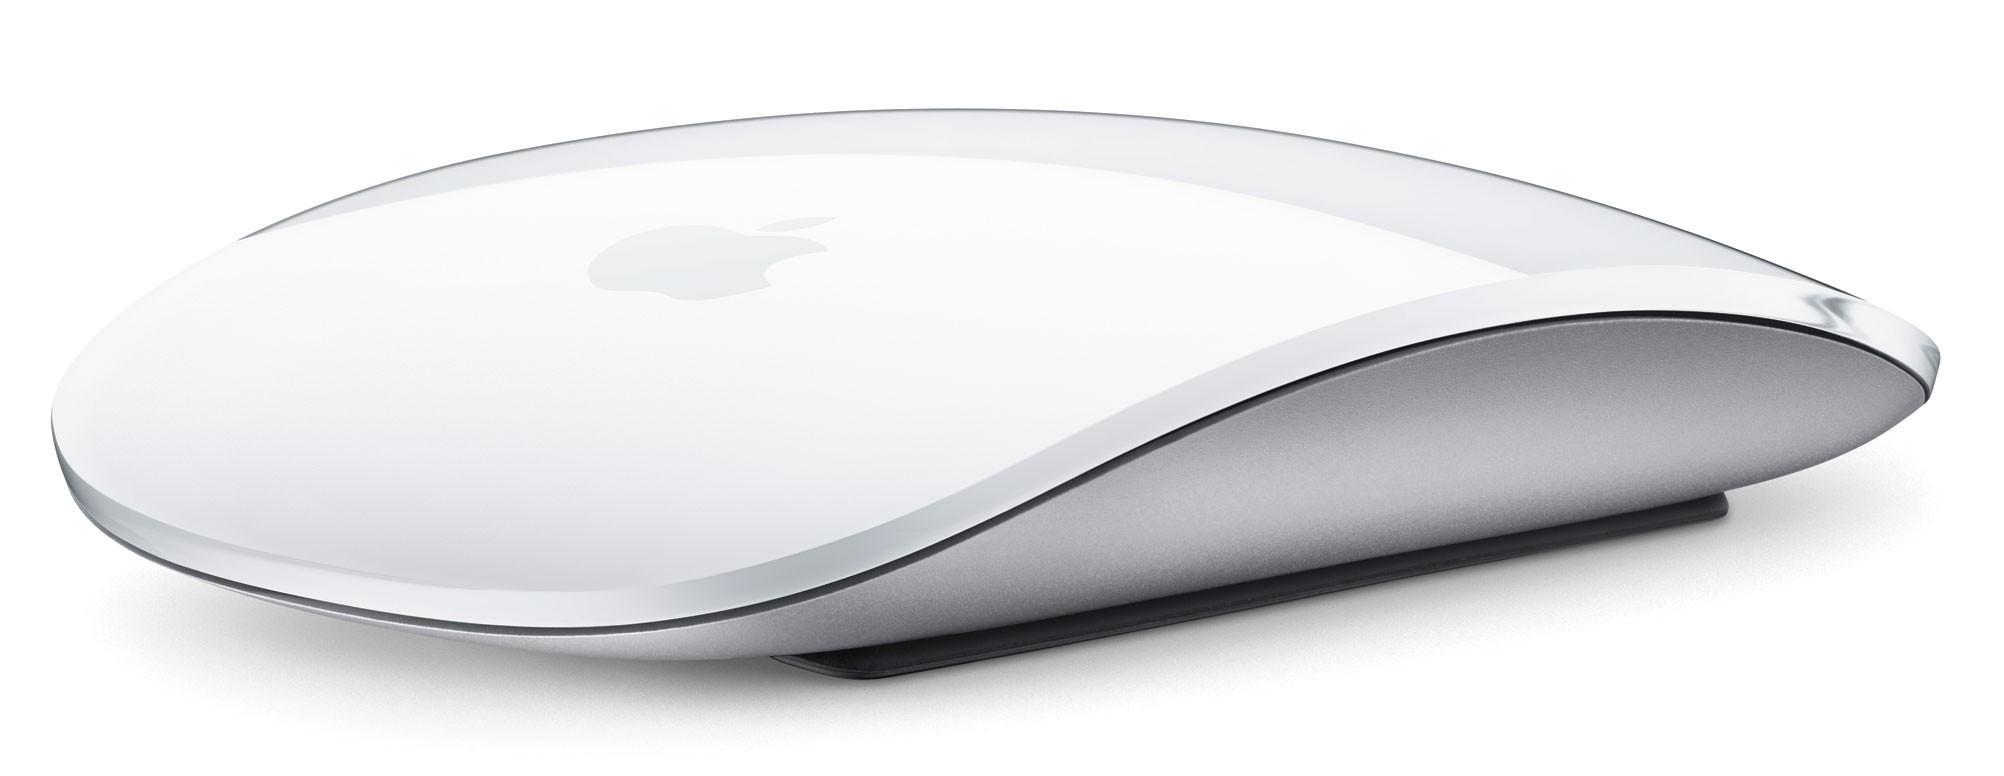 Apple Magic Mouse er i hvert fall fotogen.Foto: Apple